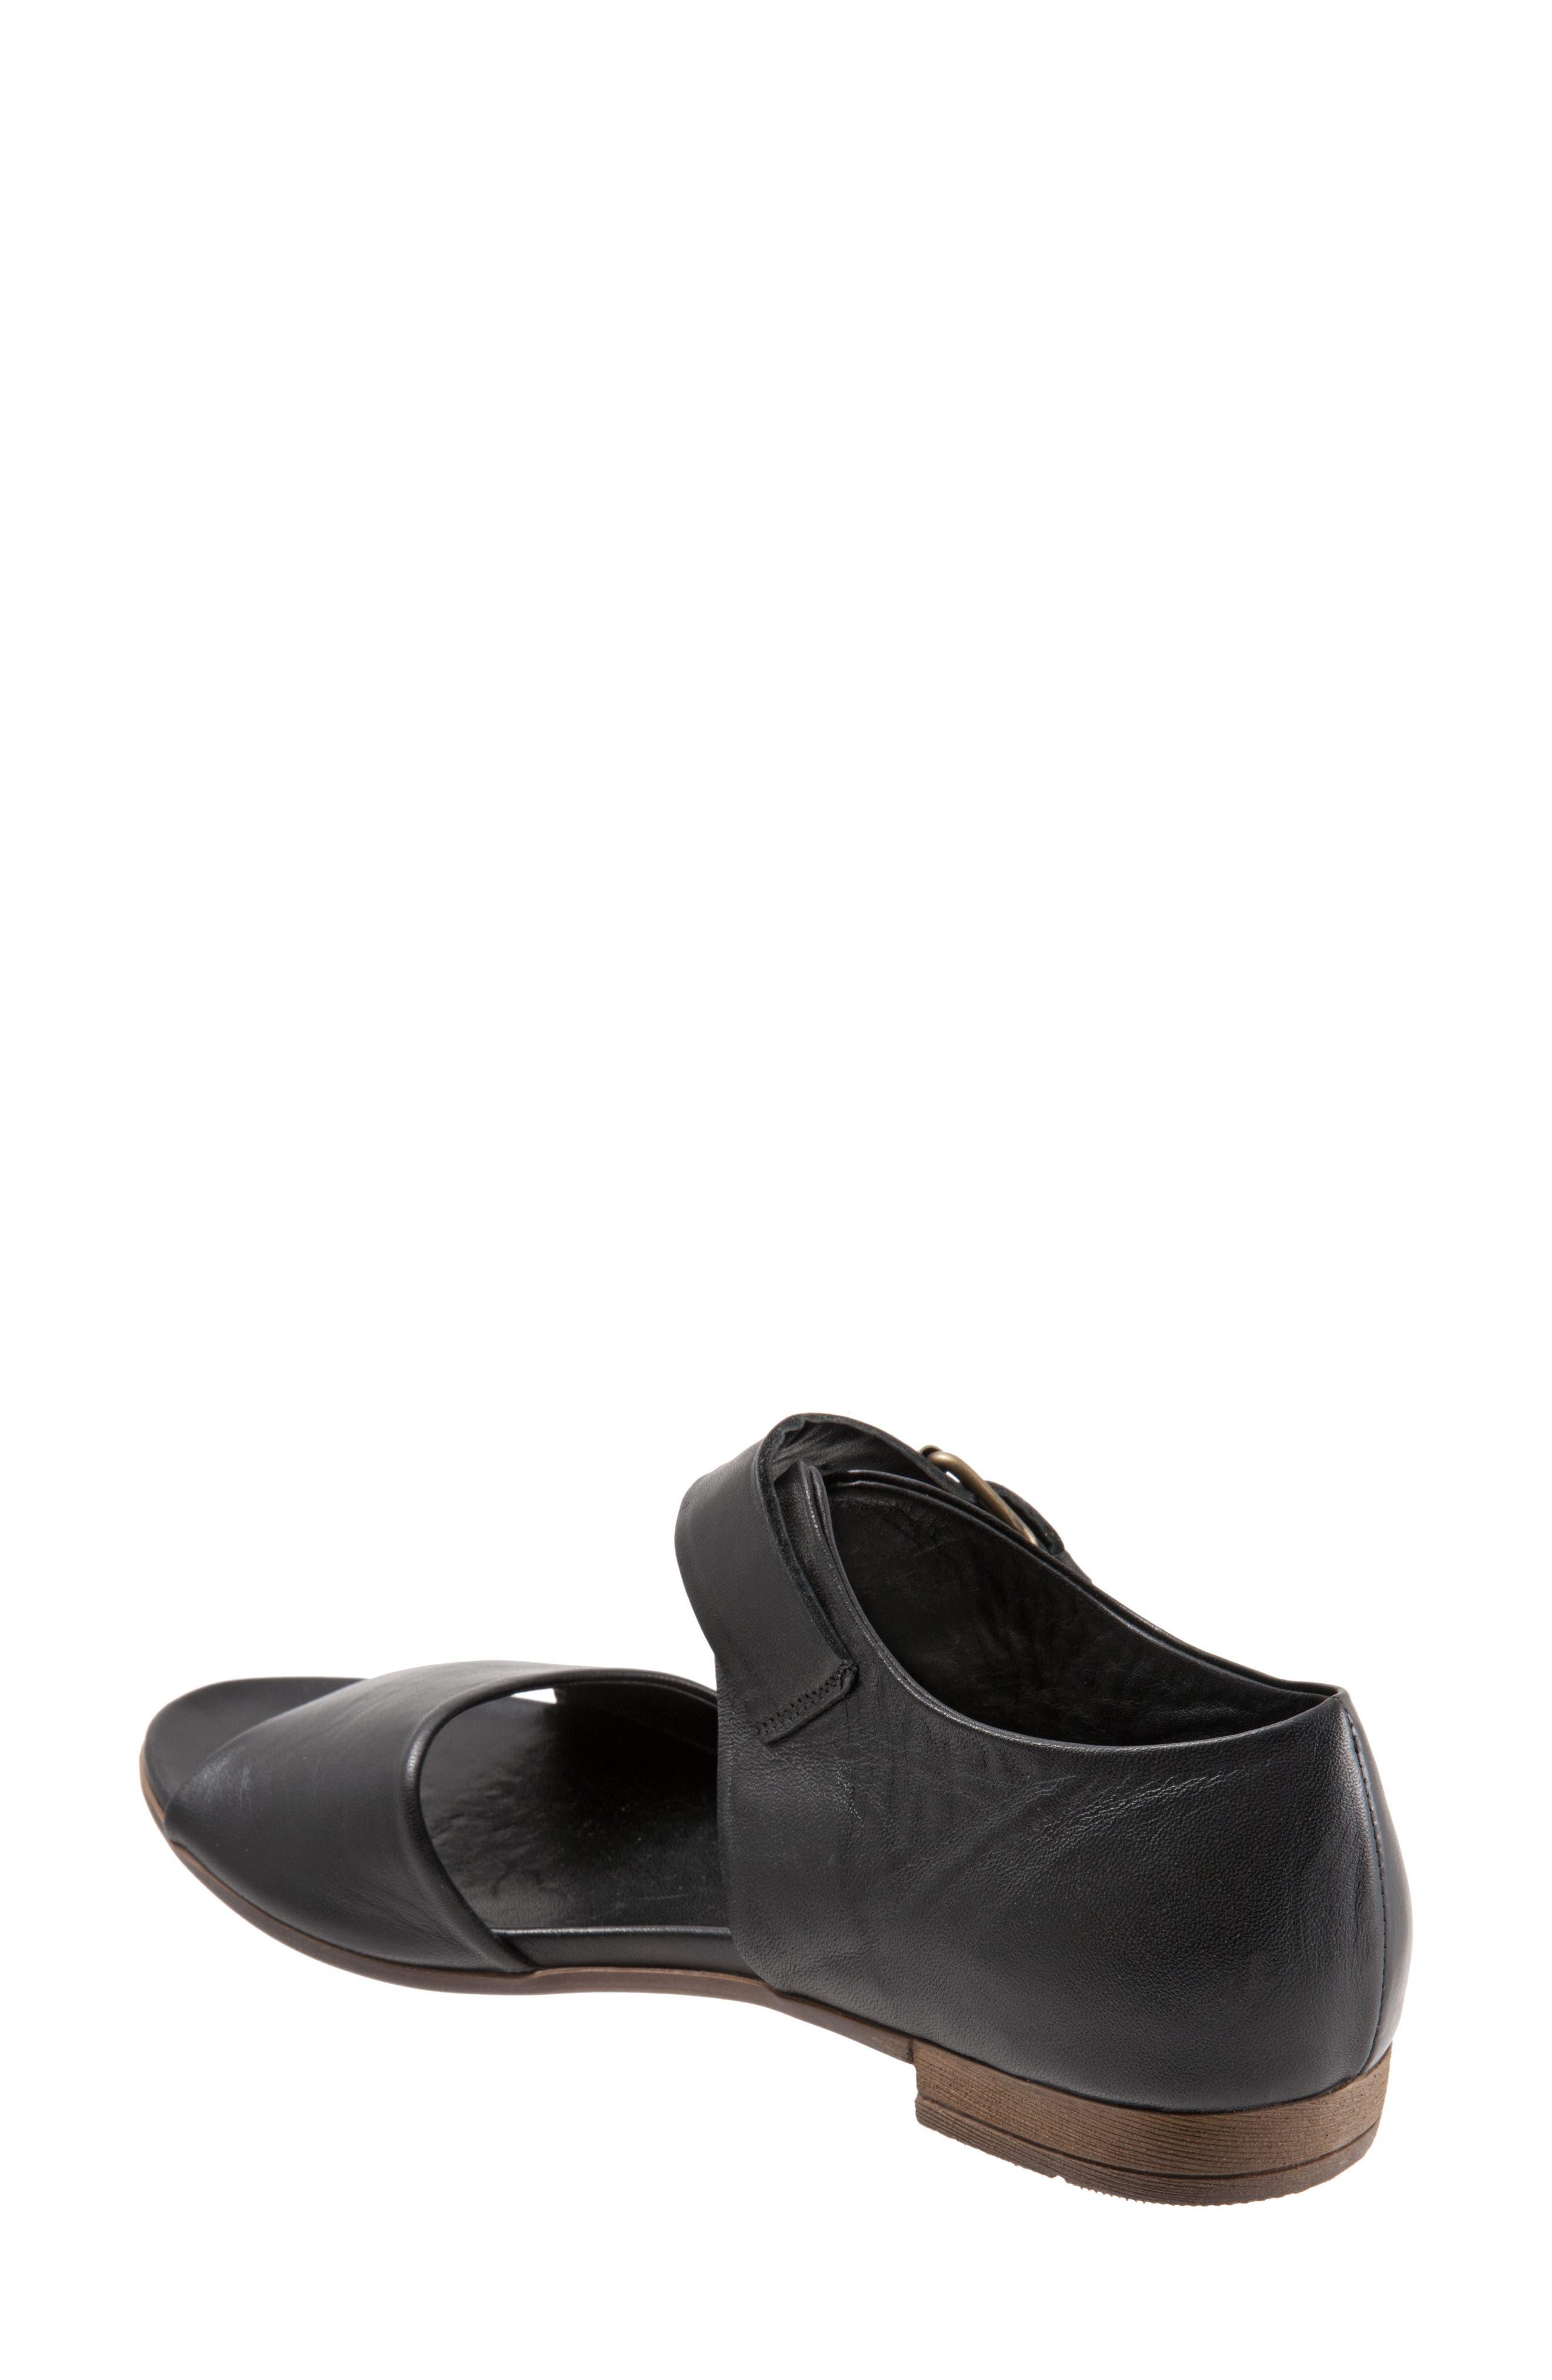 Talia Sandal,                             Alternate thumbnail 2, color,                             Black Leather